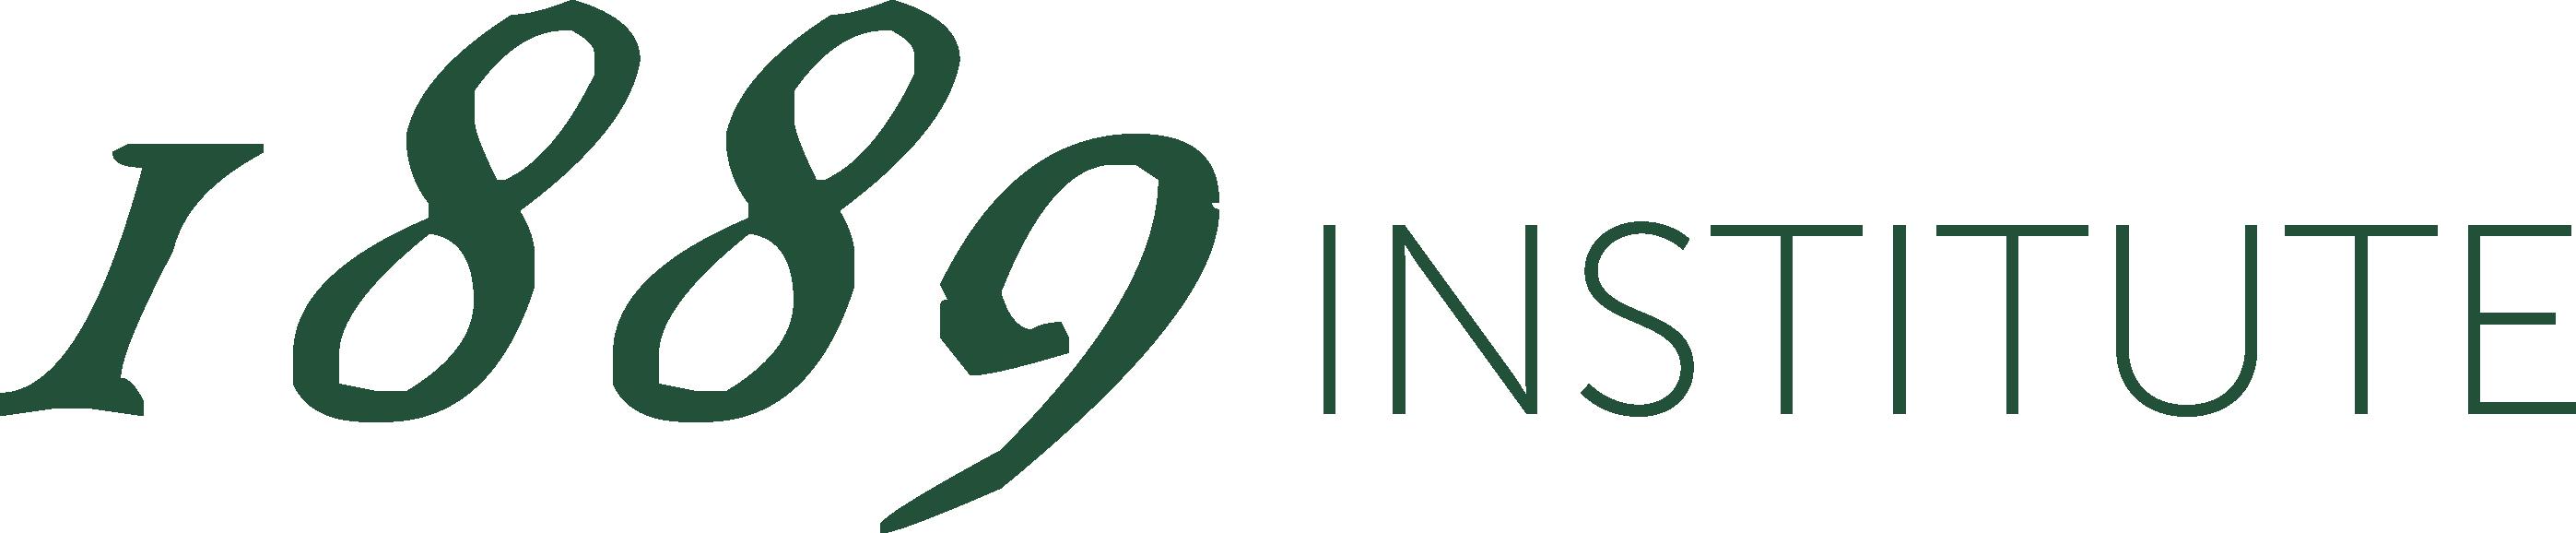 1889 Institute